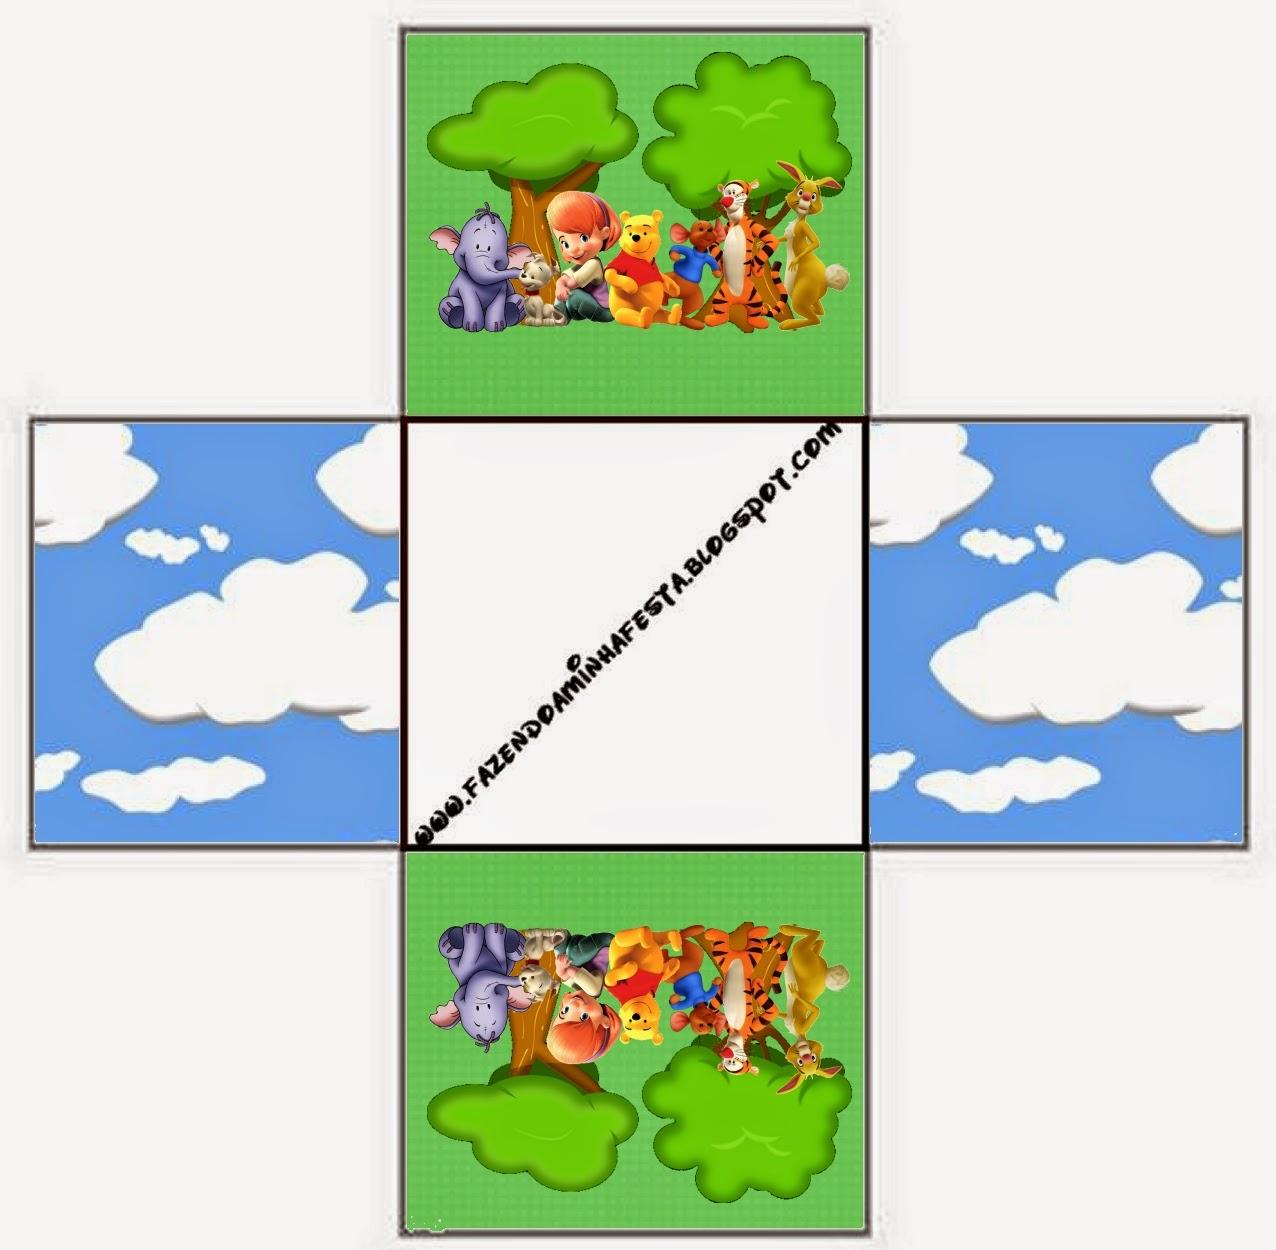 Winnie Pooh Invitations was nice invitation ideas